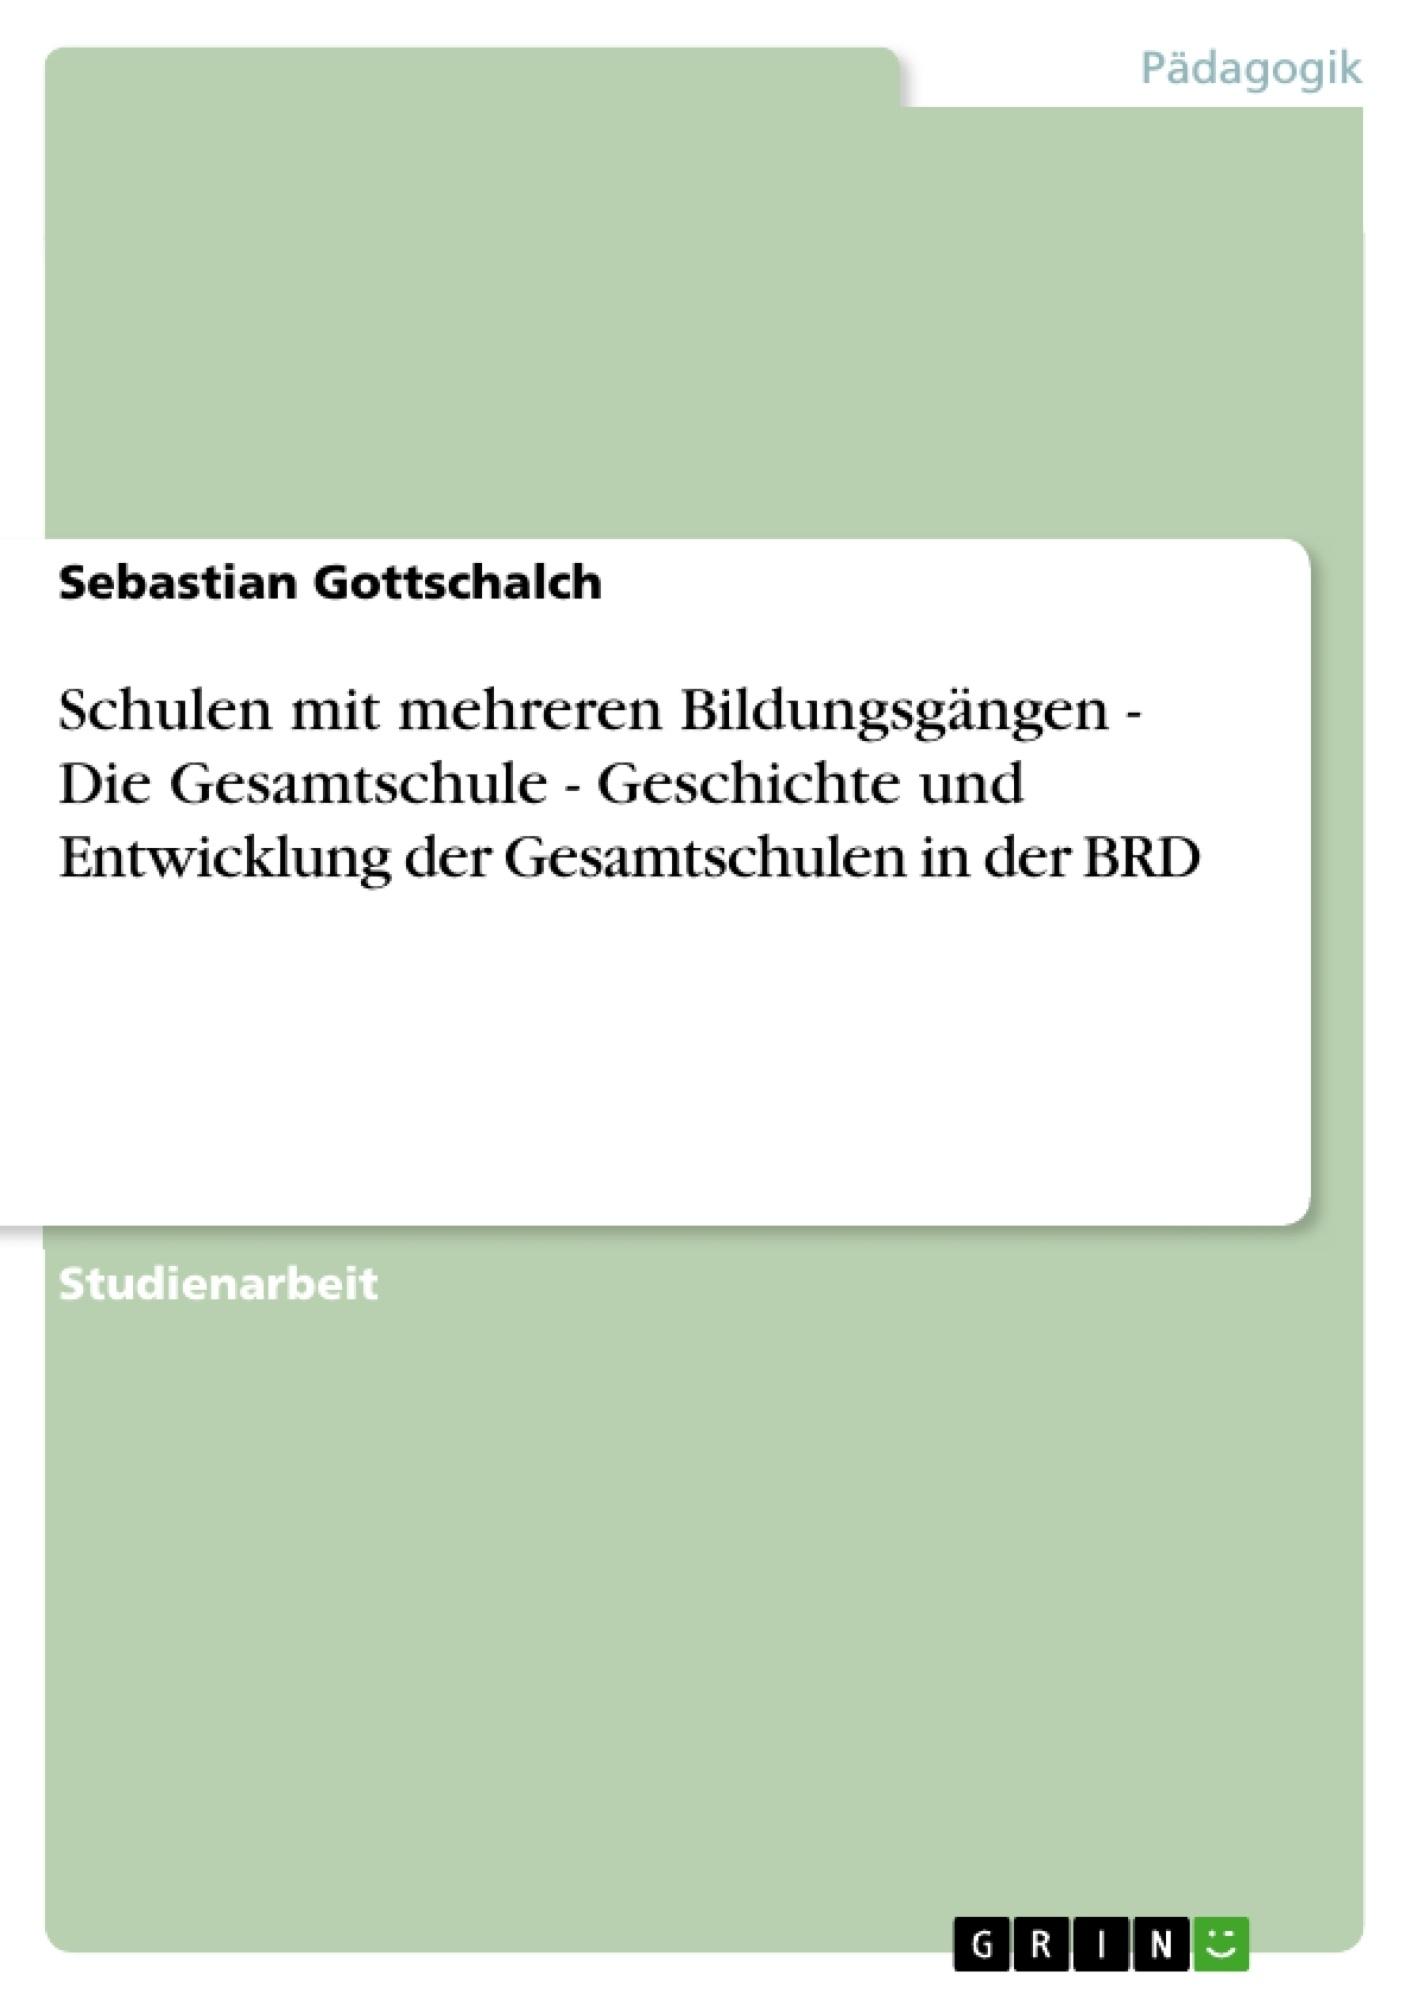 Titel: Schulen mit mehreren Bildungsgängen - Die Gesamtschule - Geschichte und Entwicklung der Gesamtschulen in der BRD